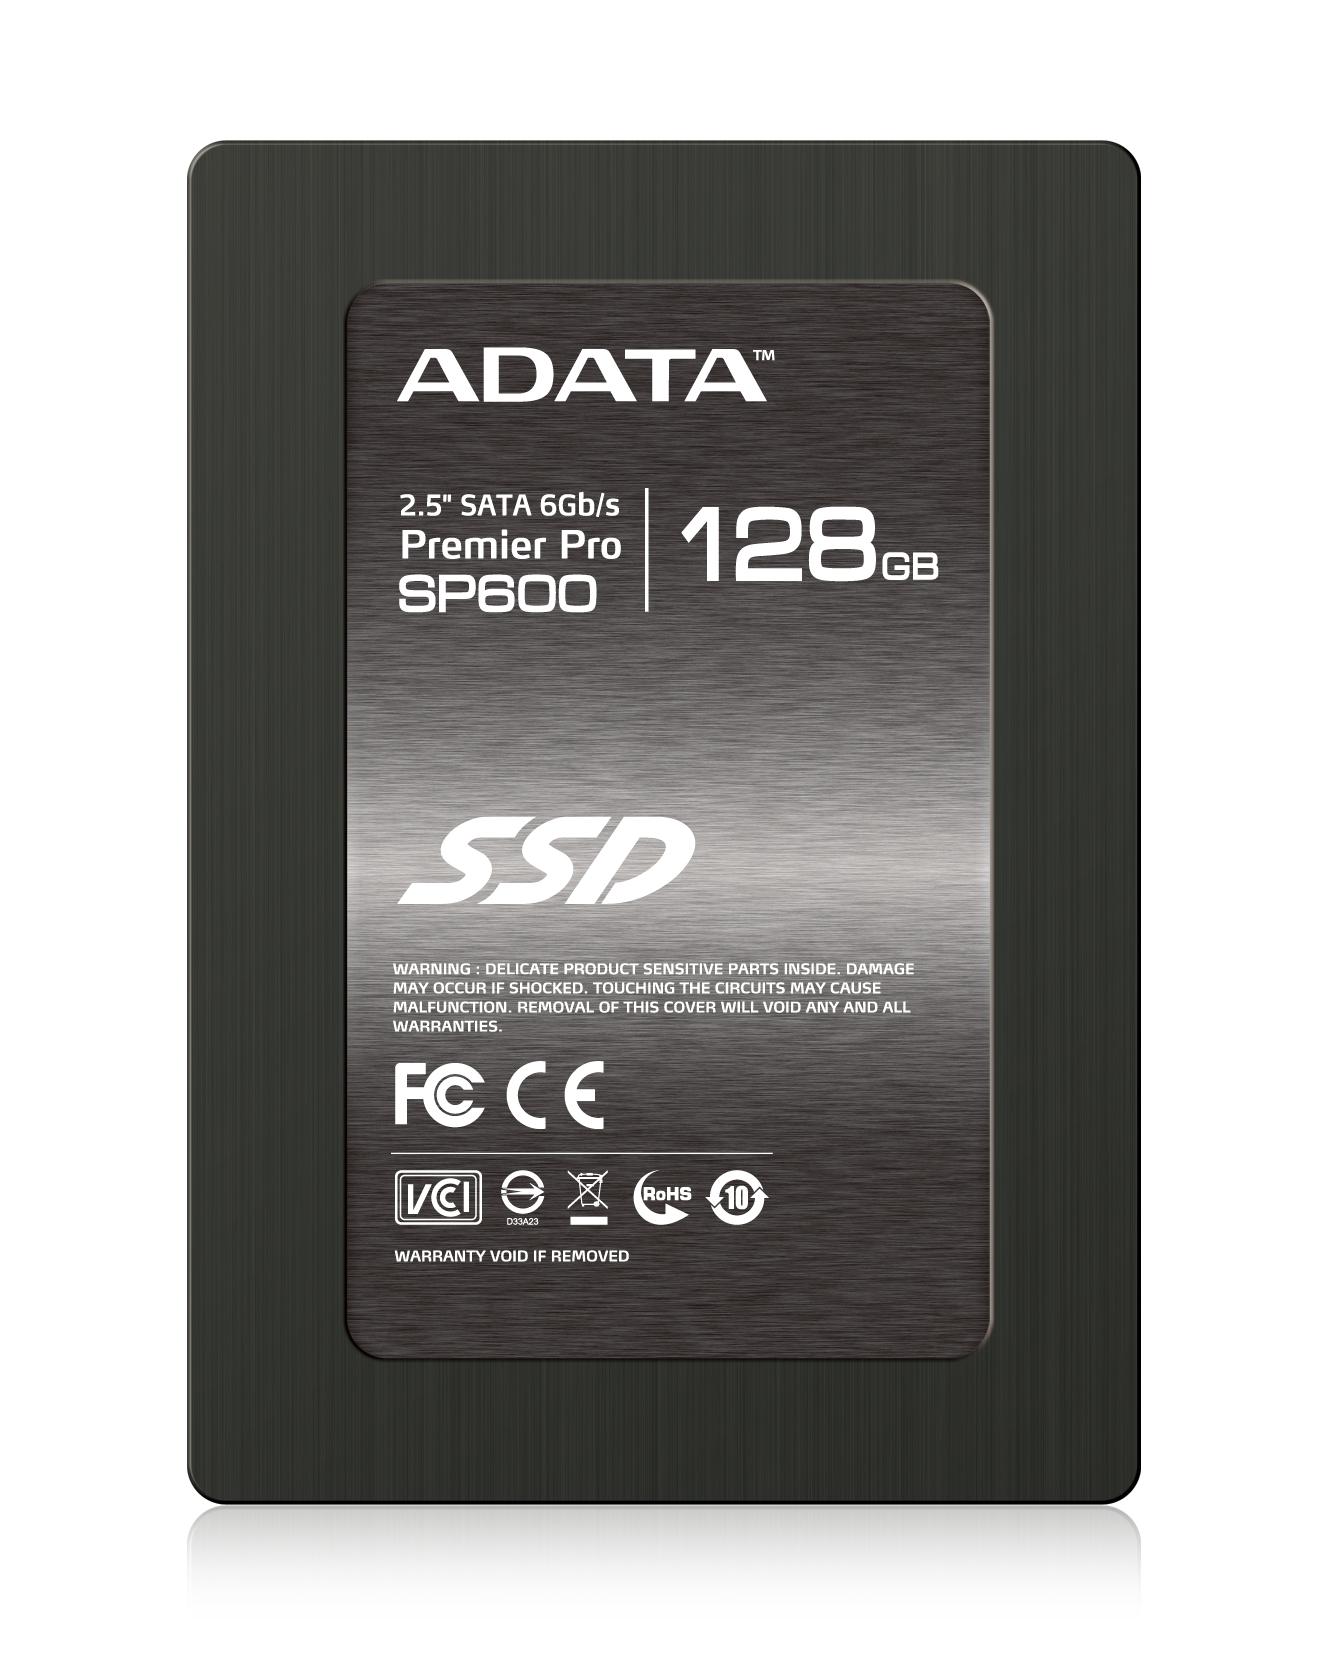 ADATA SSD SP600 128GB 2.5